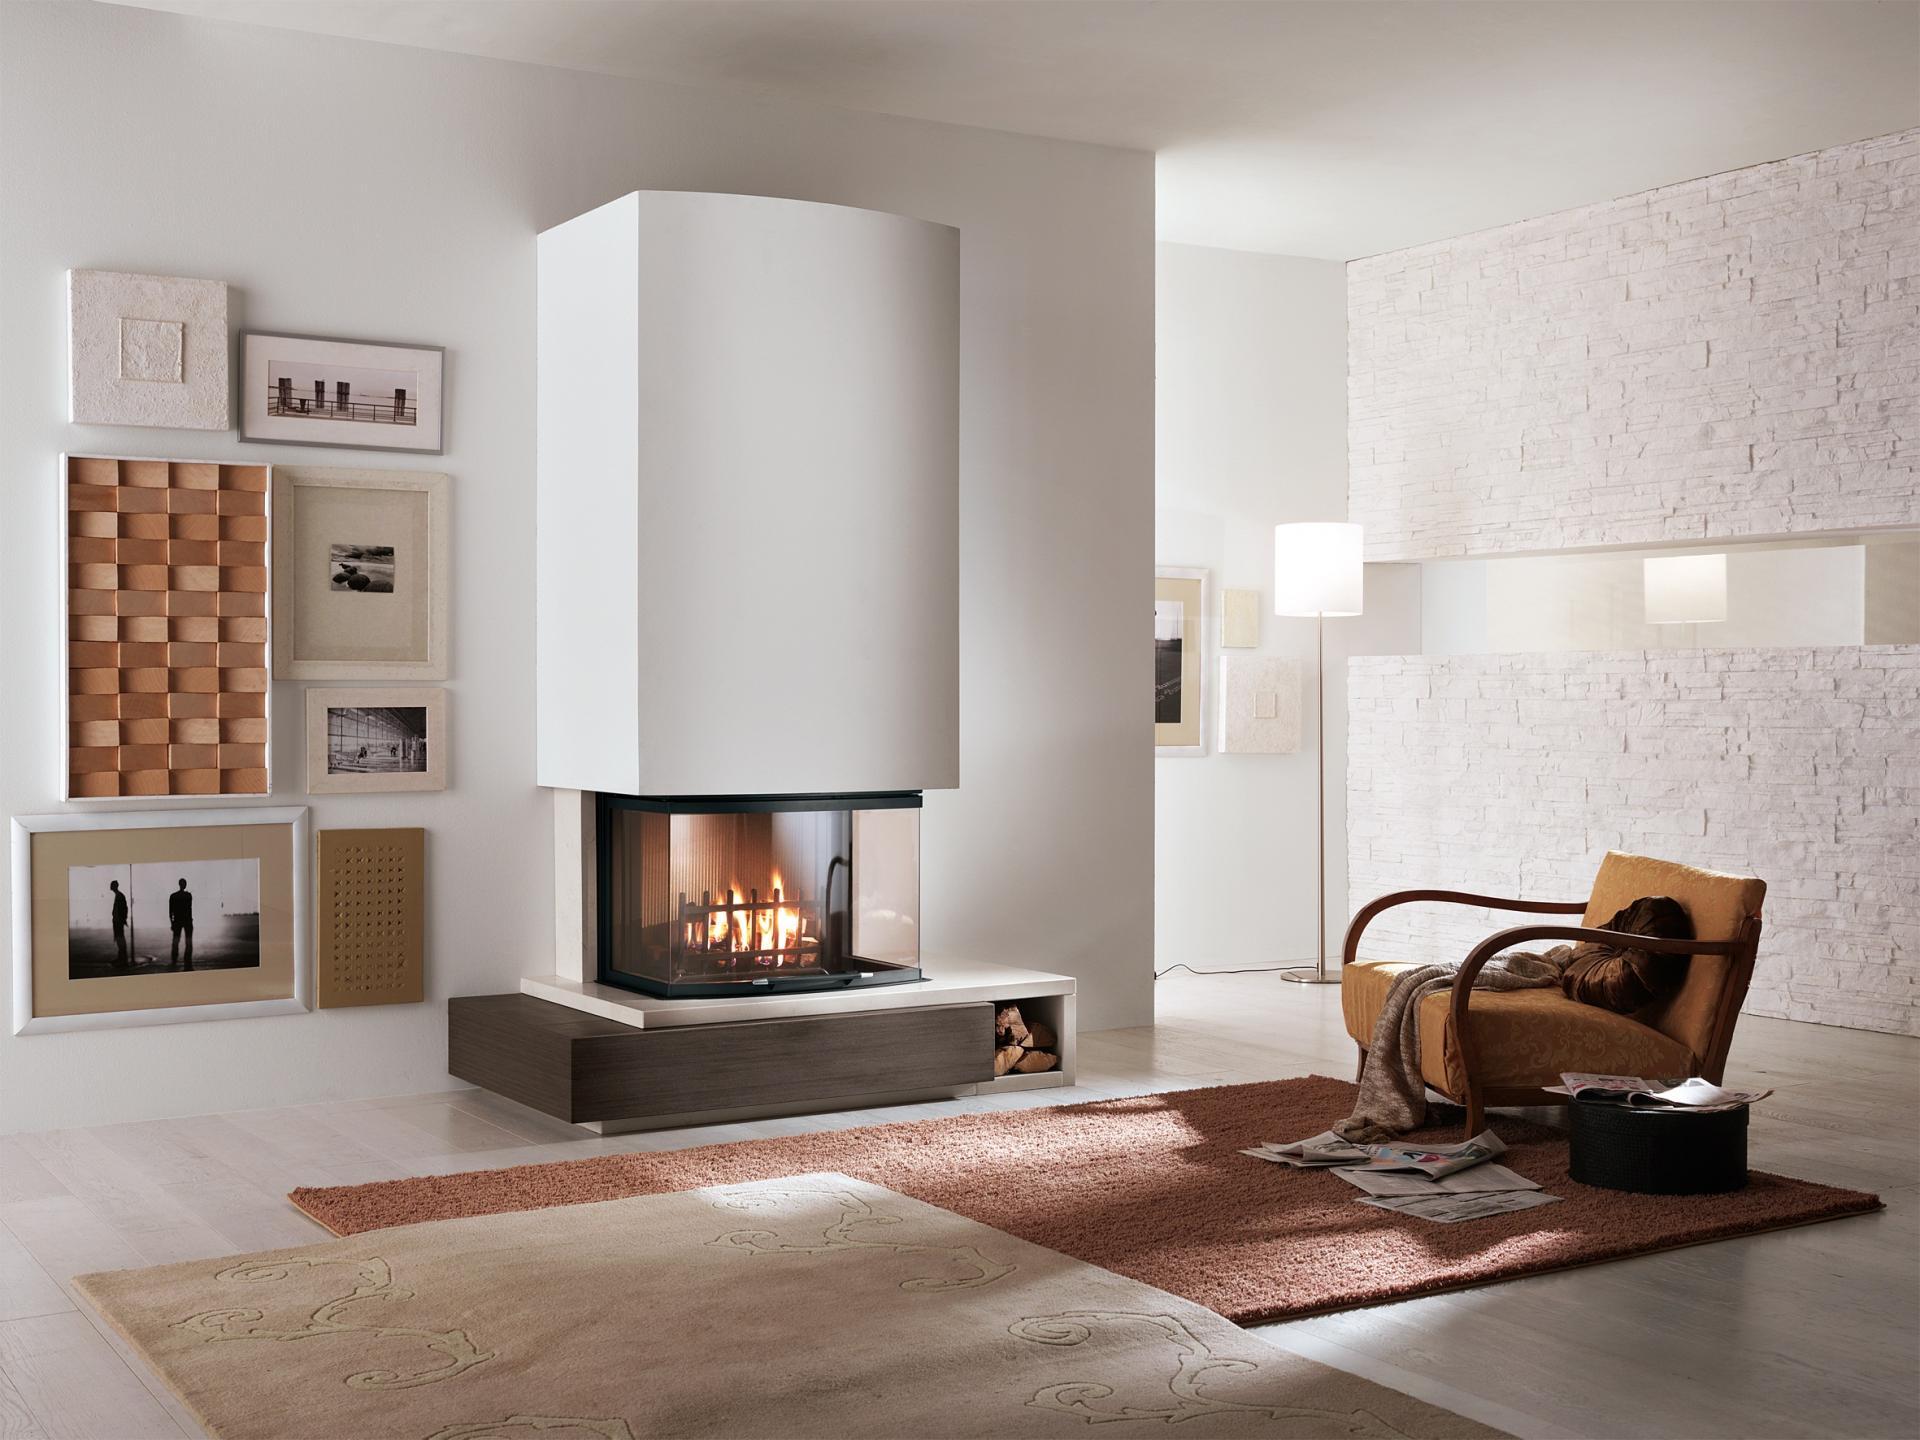 poele a bois kent. Black Bedroom Furniture Sets. Home Design Ideas